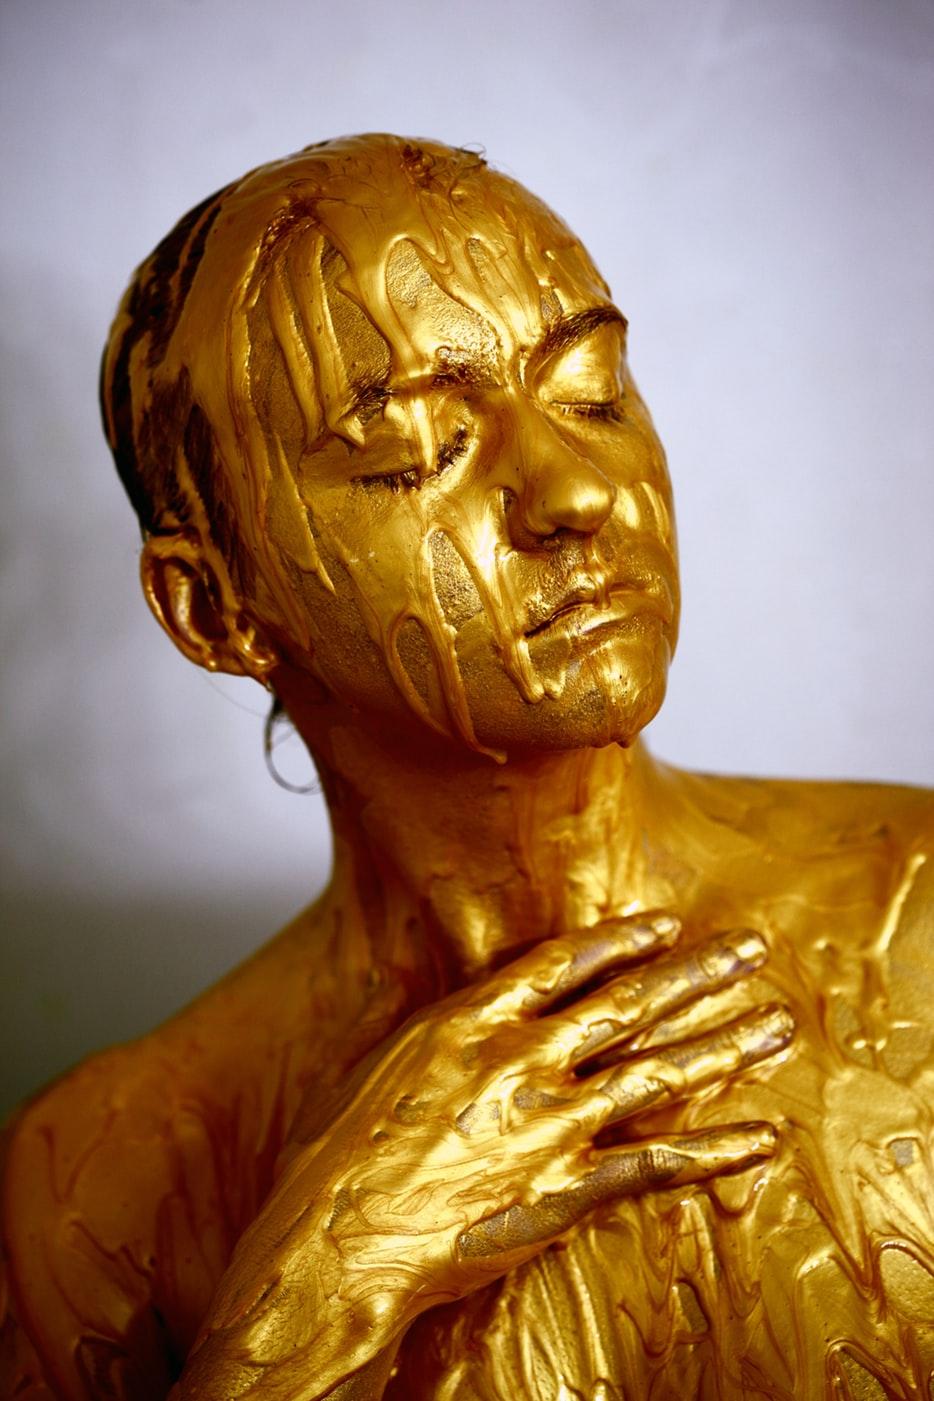 公営ジム通いぼく、ゴールドジムの見学に行って手厚いサポート体制に驚く